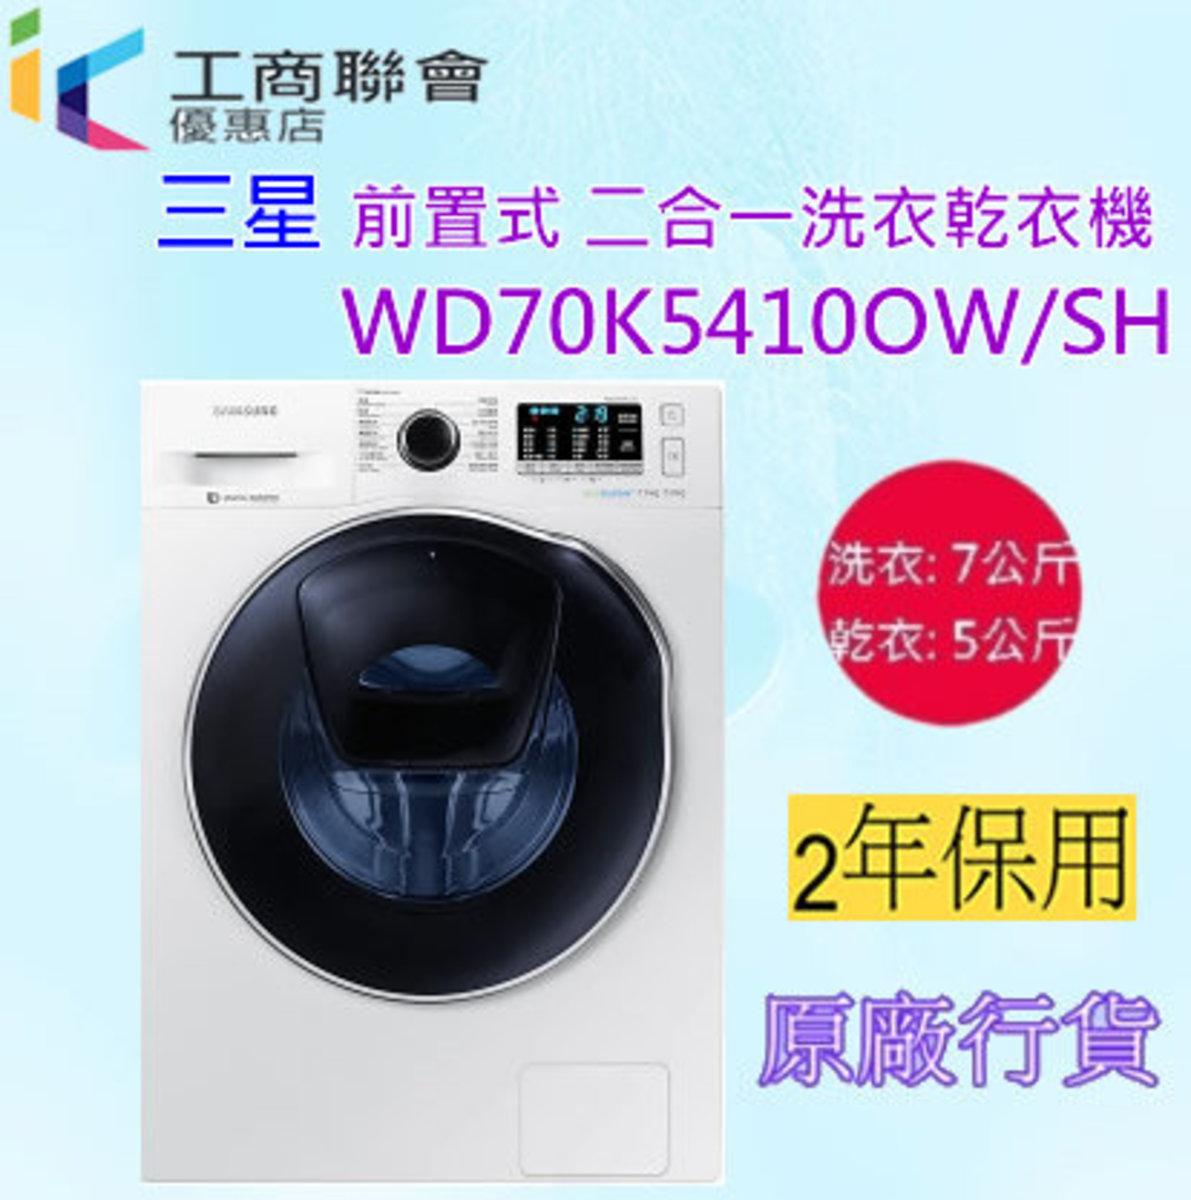 WD70K5410OW/SH  前置式 二合一洗衣乾衣機 7公斤 白色